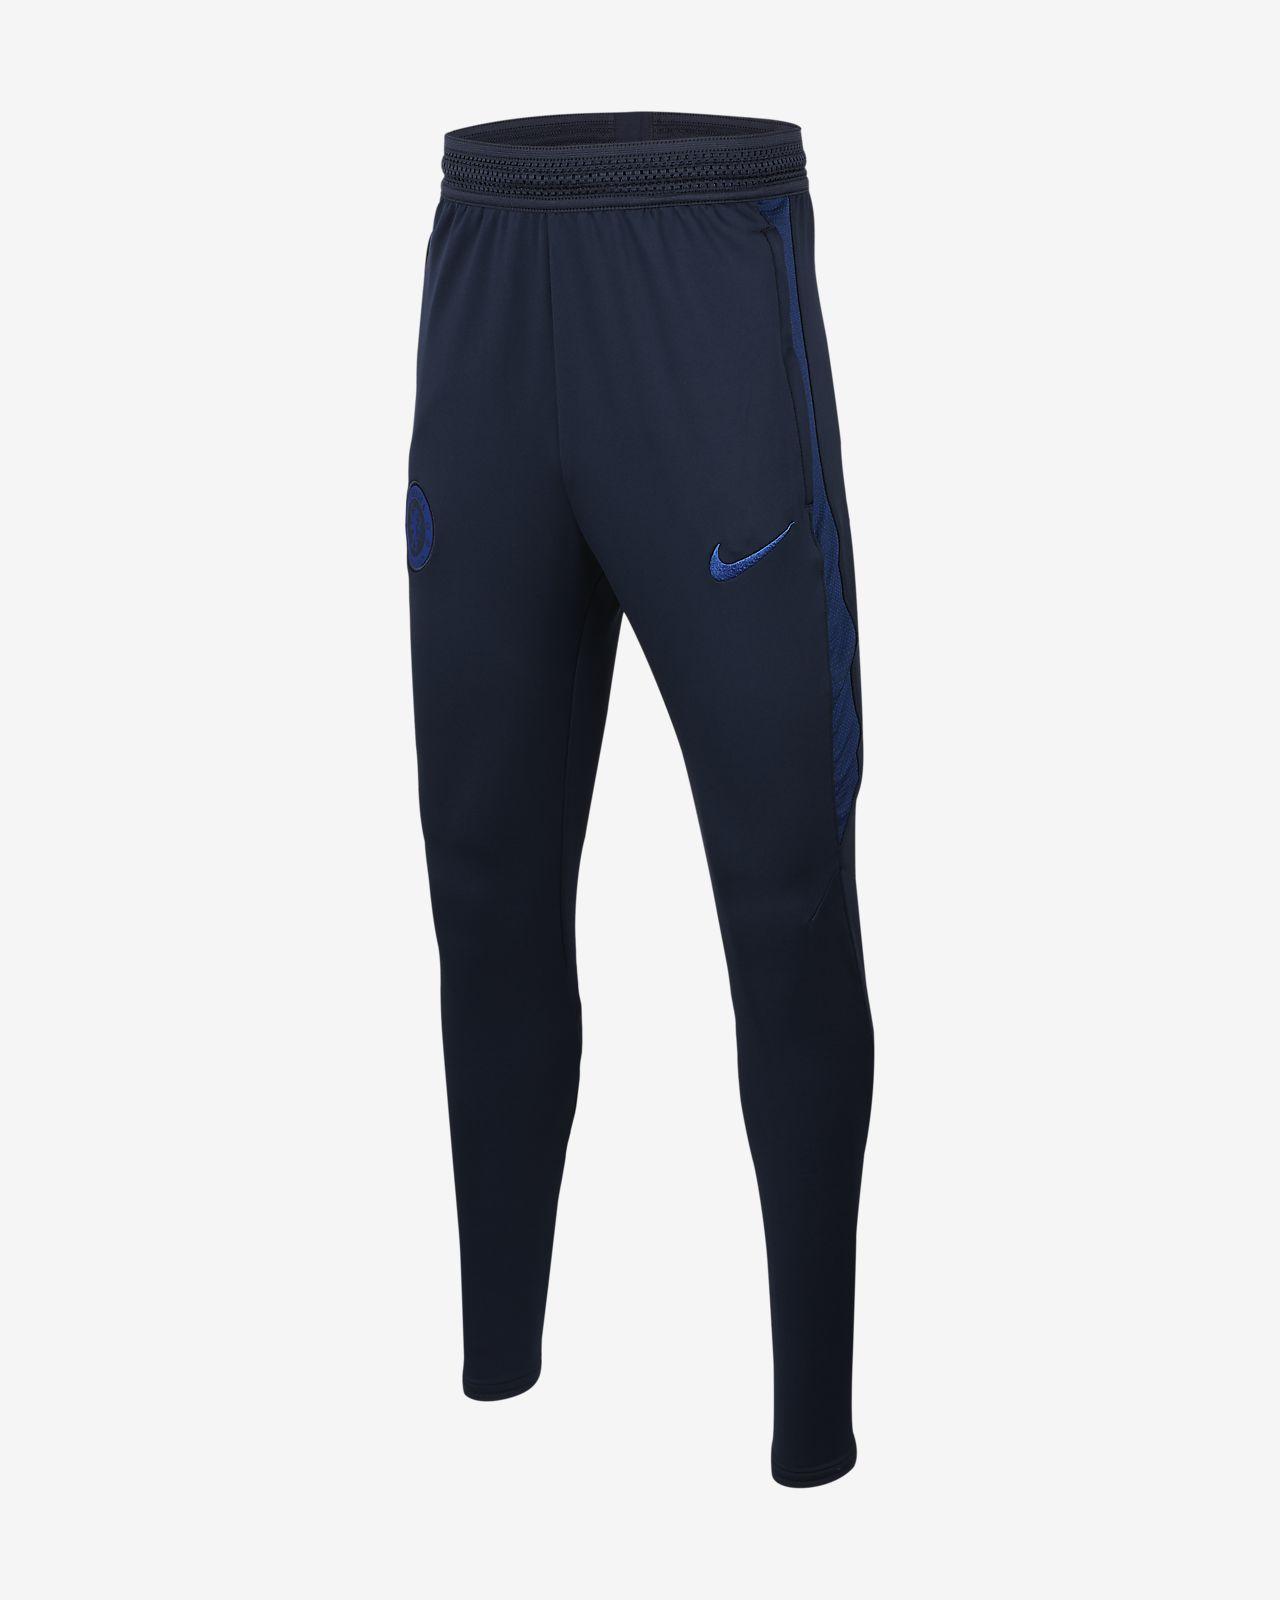 Nike Dri-FIT Chelsea FC Strike fotballbukse til barn